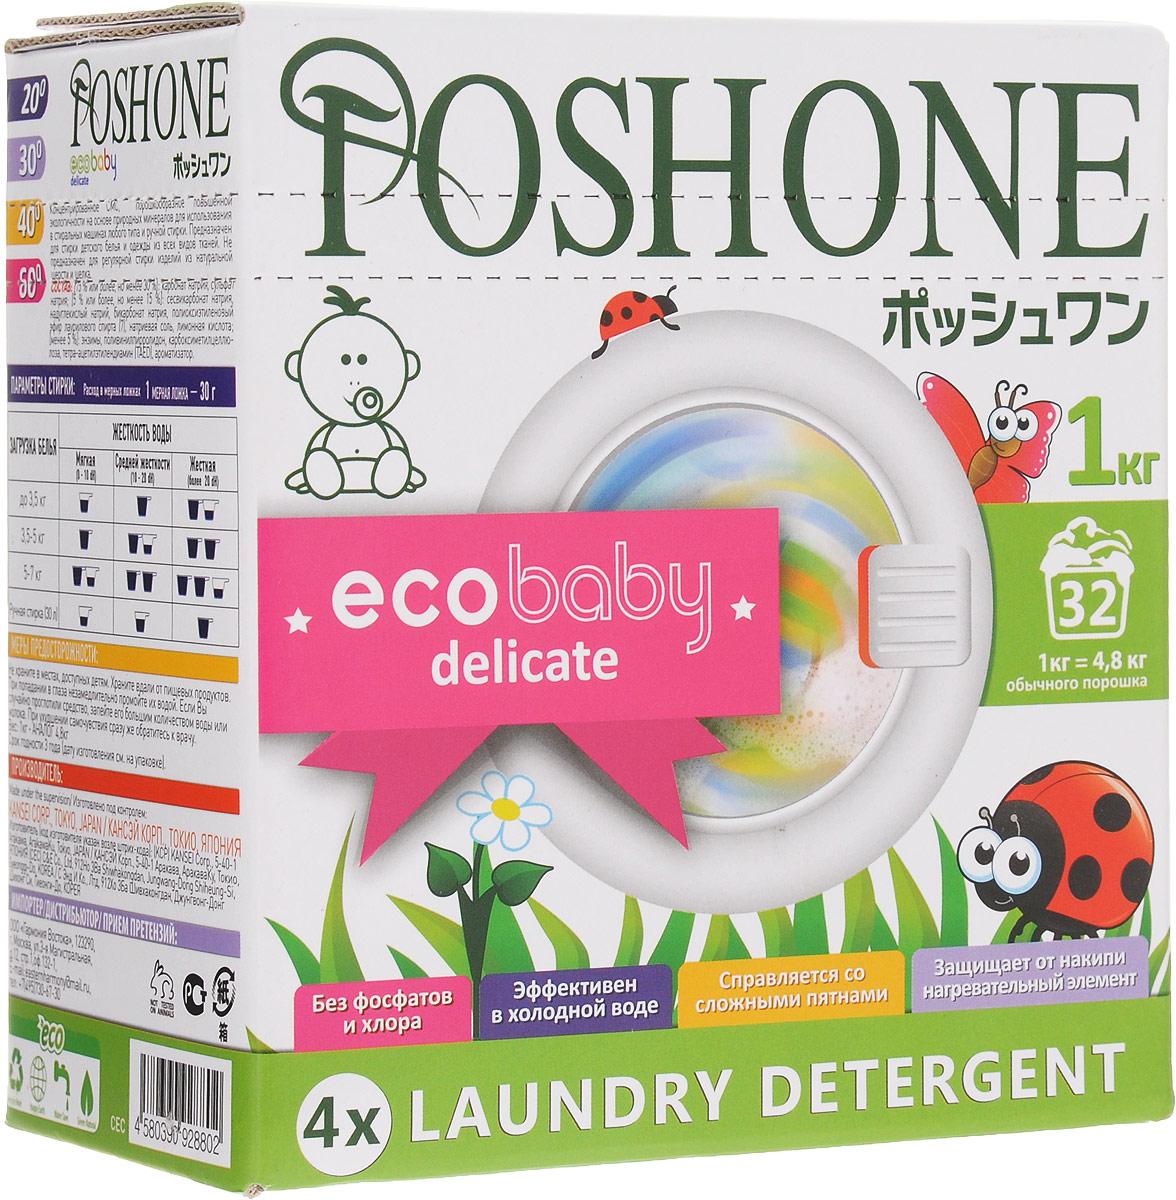 Порошок стиральный Posh One Ecobaby Delicate, для детской одежды и деликатных тканей, 1 кг790009Стиральный порошок Posh One Ecobaby Delicate предназначен для стирки детского белья и деликатных тканей в стиральных машинах любого типа и для ручной стирки.Особенности порошка:Не имеет в своем составе фосфаты, оптические отбеливатели, формальдегиды и хлор.Не раздражает кожу.Биоразлагаем более чем на 99%.Не оставляет следов на белье.Не токсичен.Содержит биоферменты и активный кислород-активатор TAED.Защищает нагревательный элемент стиральной машины от накипи.Эффективен в холодной воде.Легко справляется со сложными пятнами.Состав: (15% или более, но менее 30%) карбонат натрия, сульфат натрия, (5% или более, но менее 15%) сесвикарбонат натрия, надуглекислый натрий, бикарбонат натрия, полиоксиэтиленовый эфир лаурилового спирта (7), натриевая соль, карбоксиметилцеллюлоза, тетра-ацетилэтилендиамин (TAED), ароматизатор.Товар сертифицирован. Не предназначен для регулярной стирки изделий из натуральной шерсти и шелка.